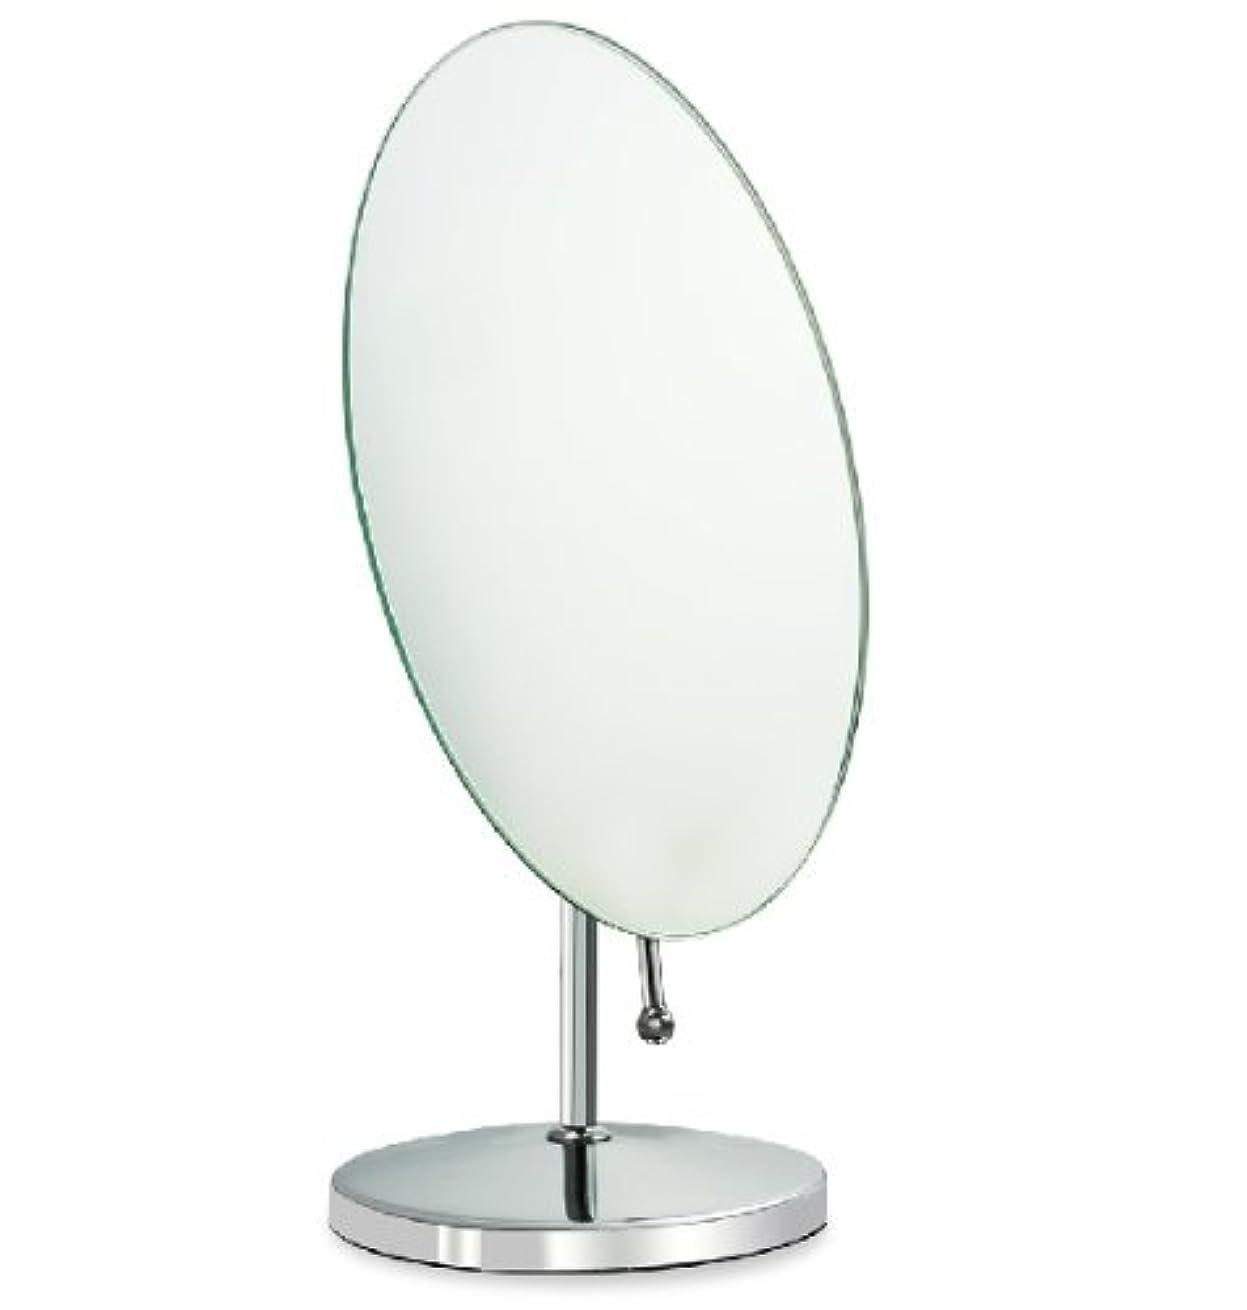 機関車ボーダー浜辺鏡 卓上鏡 化粧鏡 スタンドミラー 全方向可動式 取っ手付き鏡 大きめな楕円形